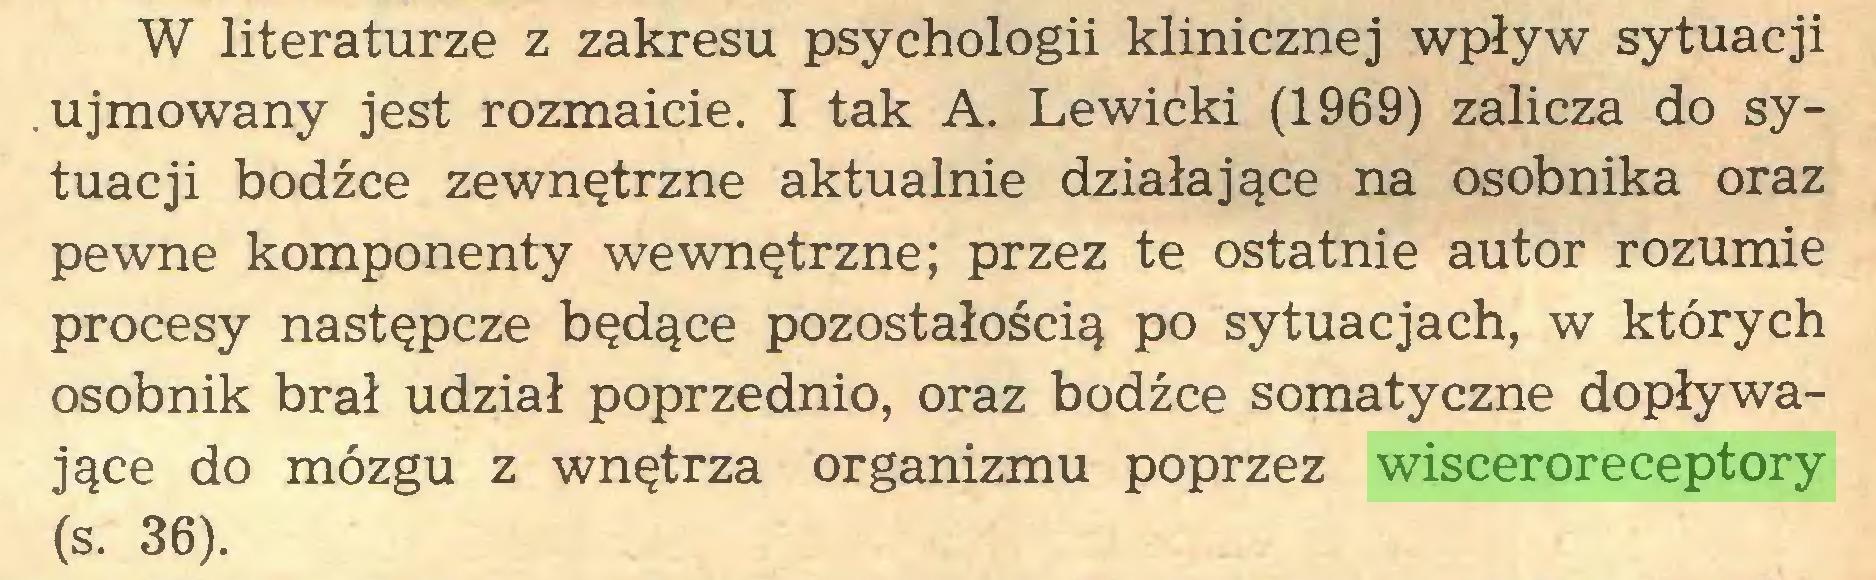 (...) W literaturze z zakresu psychologii klinicznej wpływ sytuacji ujmowany jest rozmaicie. I tak A. Lewicki (1969) zalicza do sytuacji bodźce zewnętrzne aktualnie działające na osobnika oraz pewne komponenty wewnętrzne; przez te ostatnie autor rozumie procesy następcze będące pozostałością po sytuacjach, w których osobnik brał udział poprzednio, oraz bodźce somatyczne dopływające do mózgu z wnętrza organizmu poprzez wisceroreceptory (s. 36)...